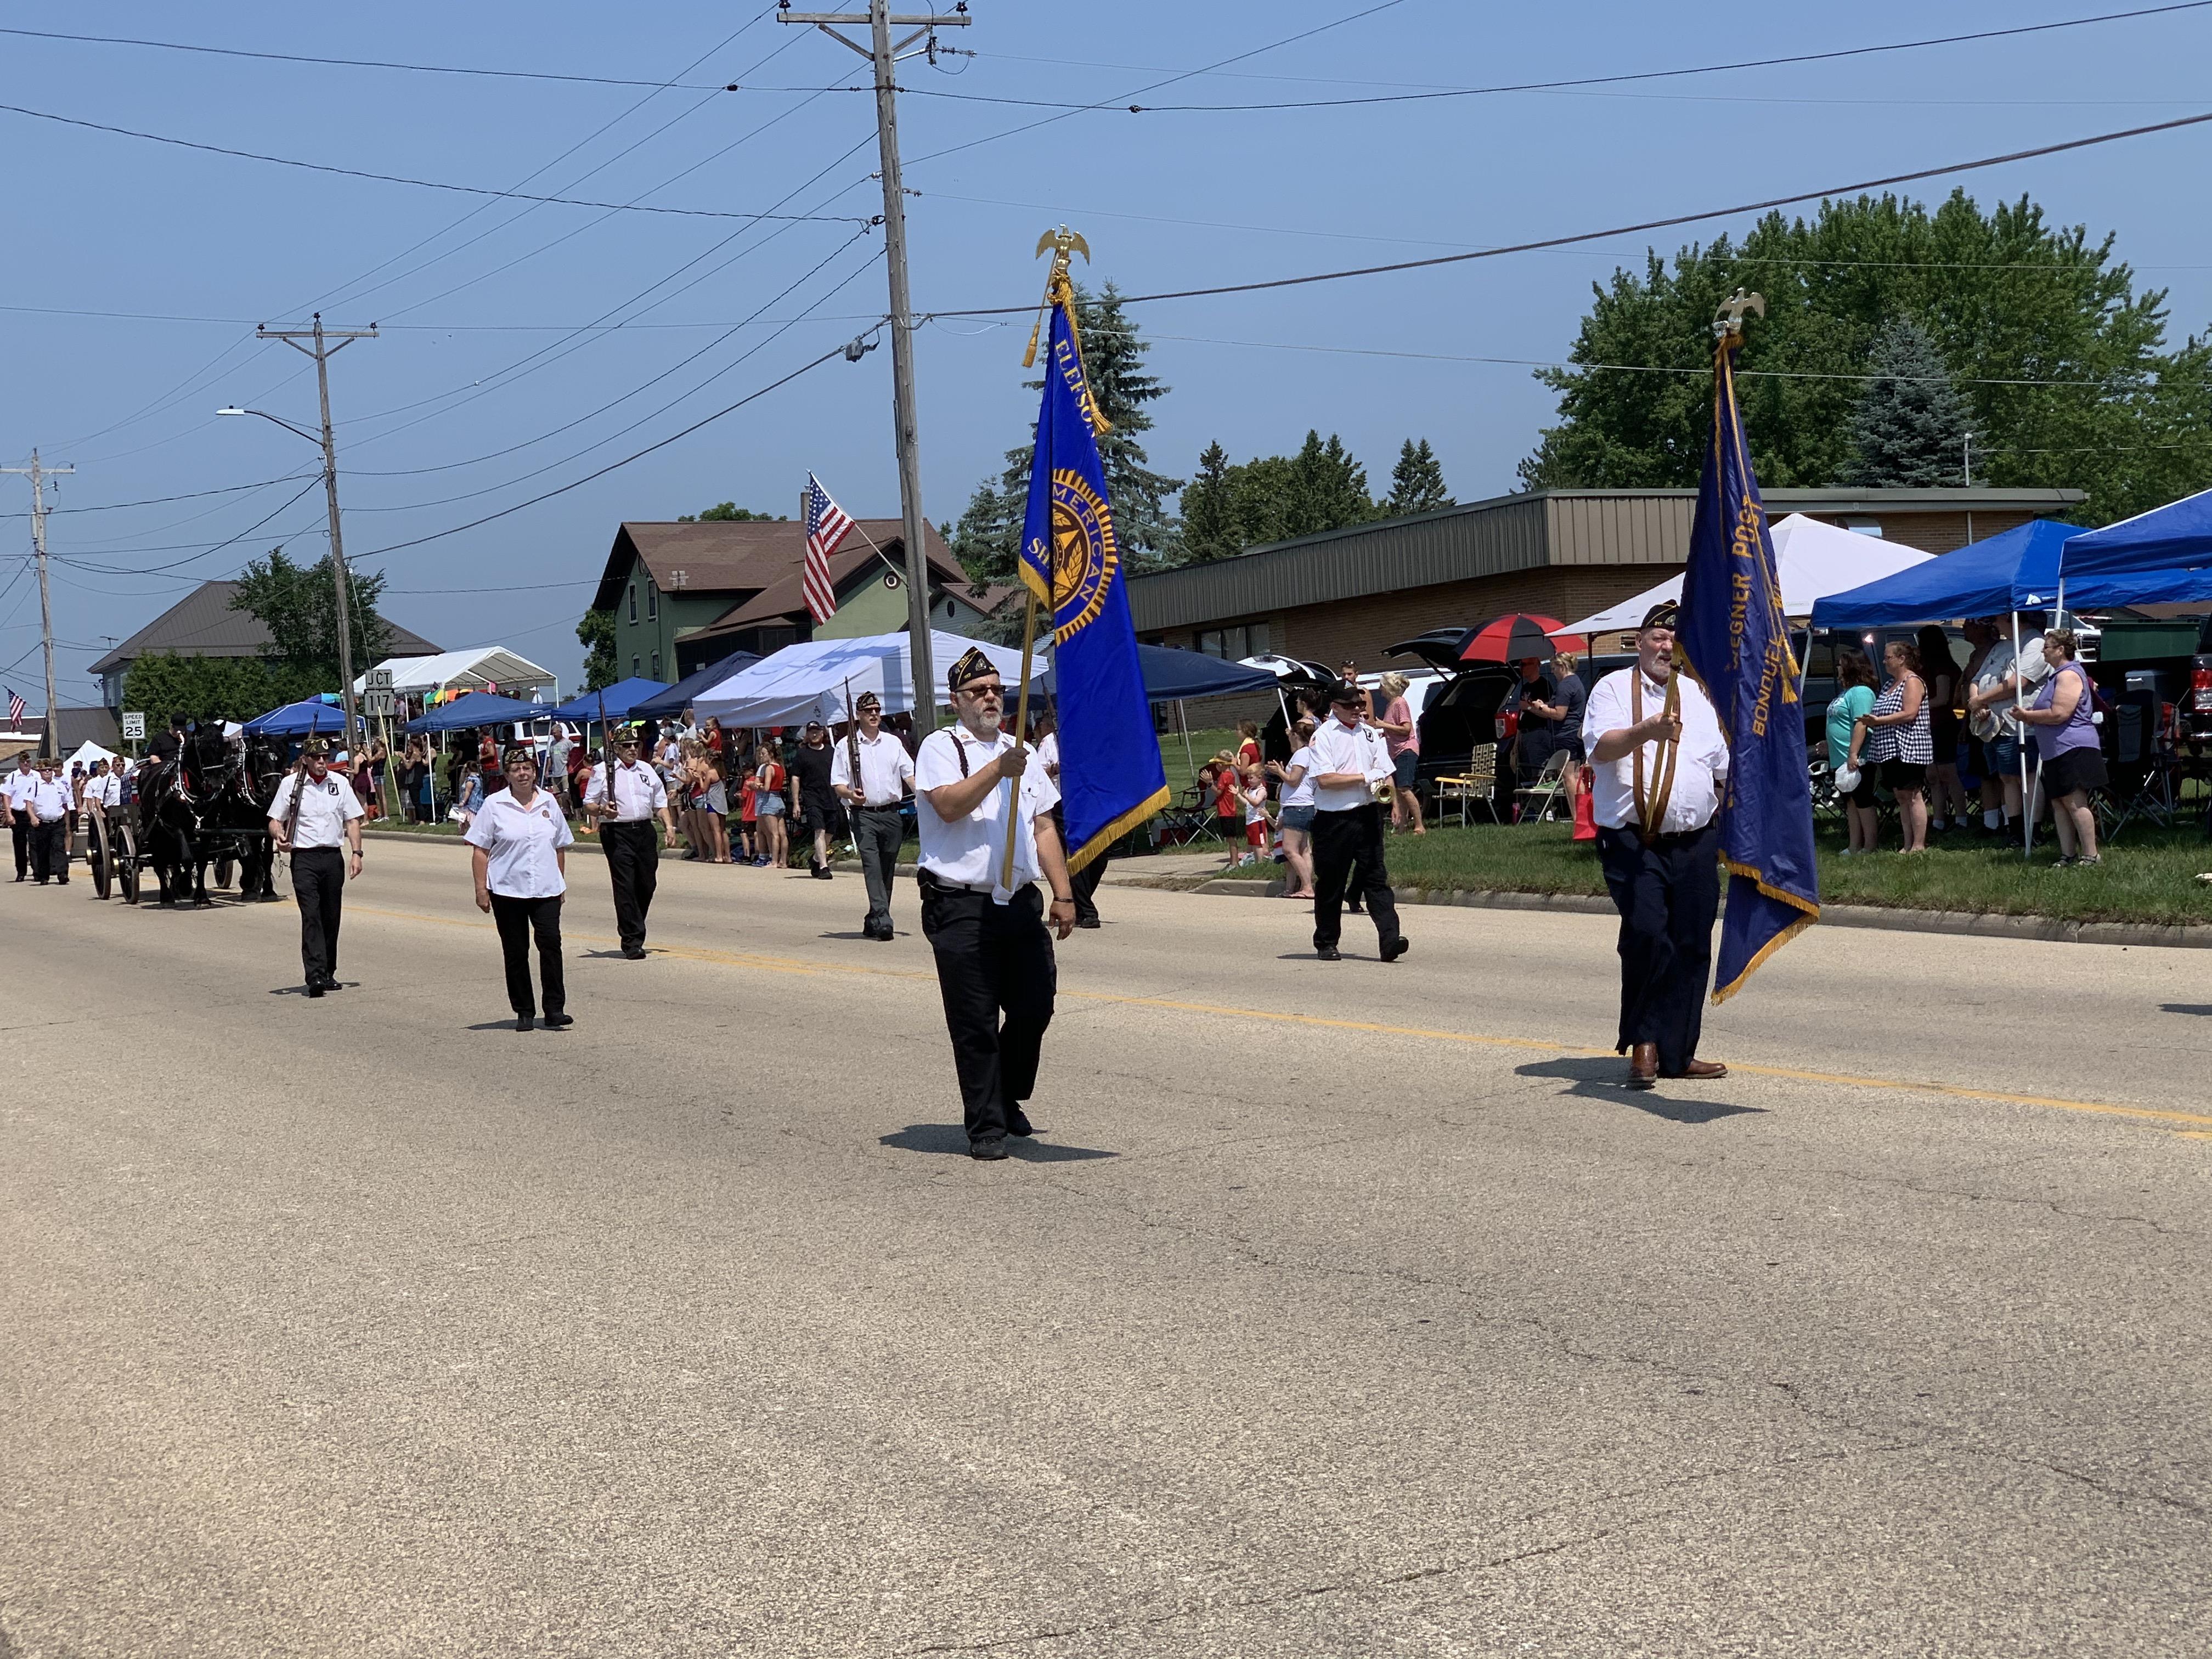 American Legion members lead the parade along Green Bay Street in Bonduel on July 4.Luke Reimer | NEW Media